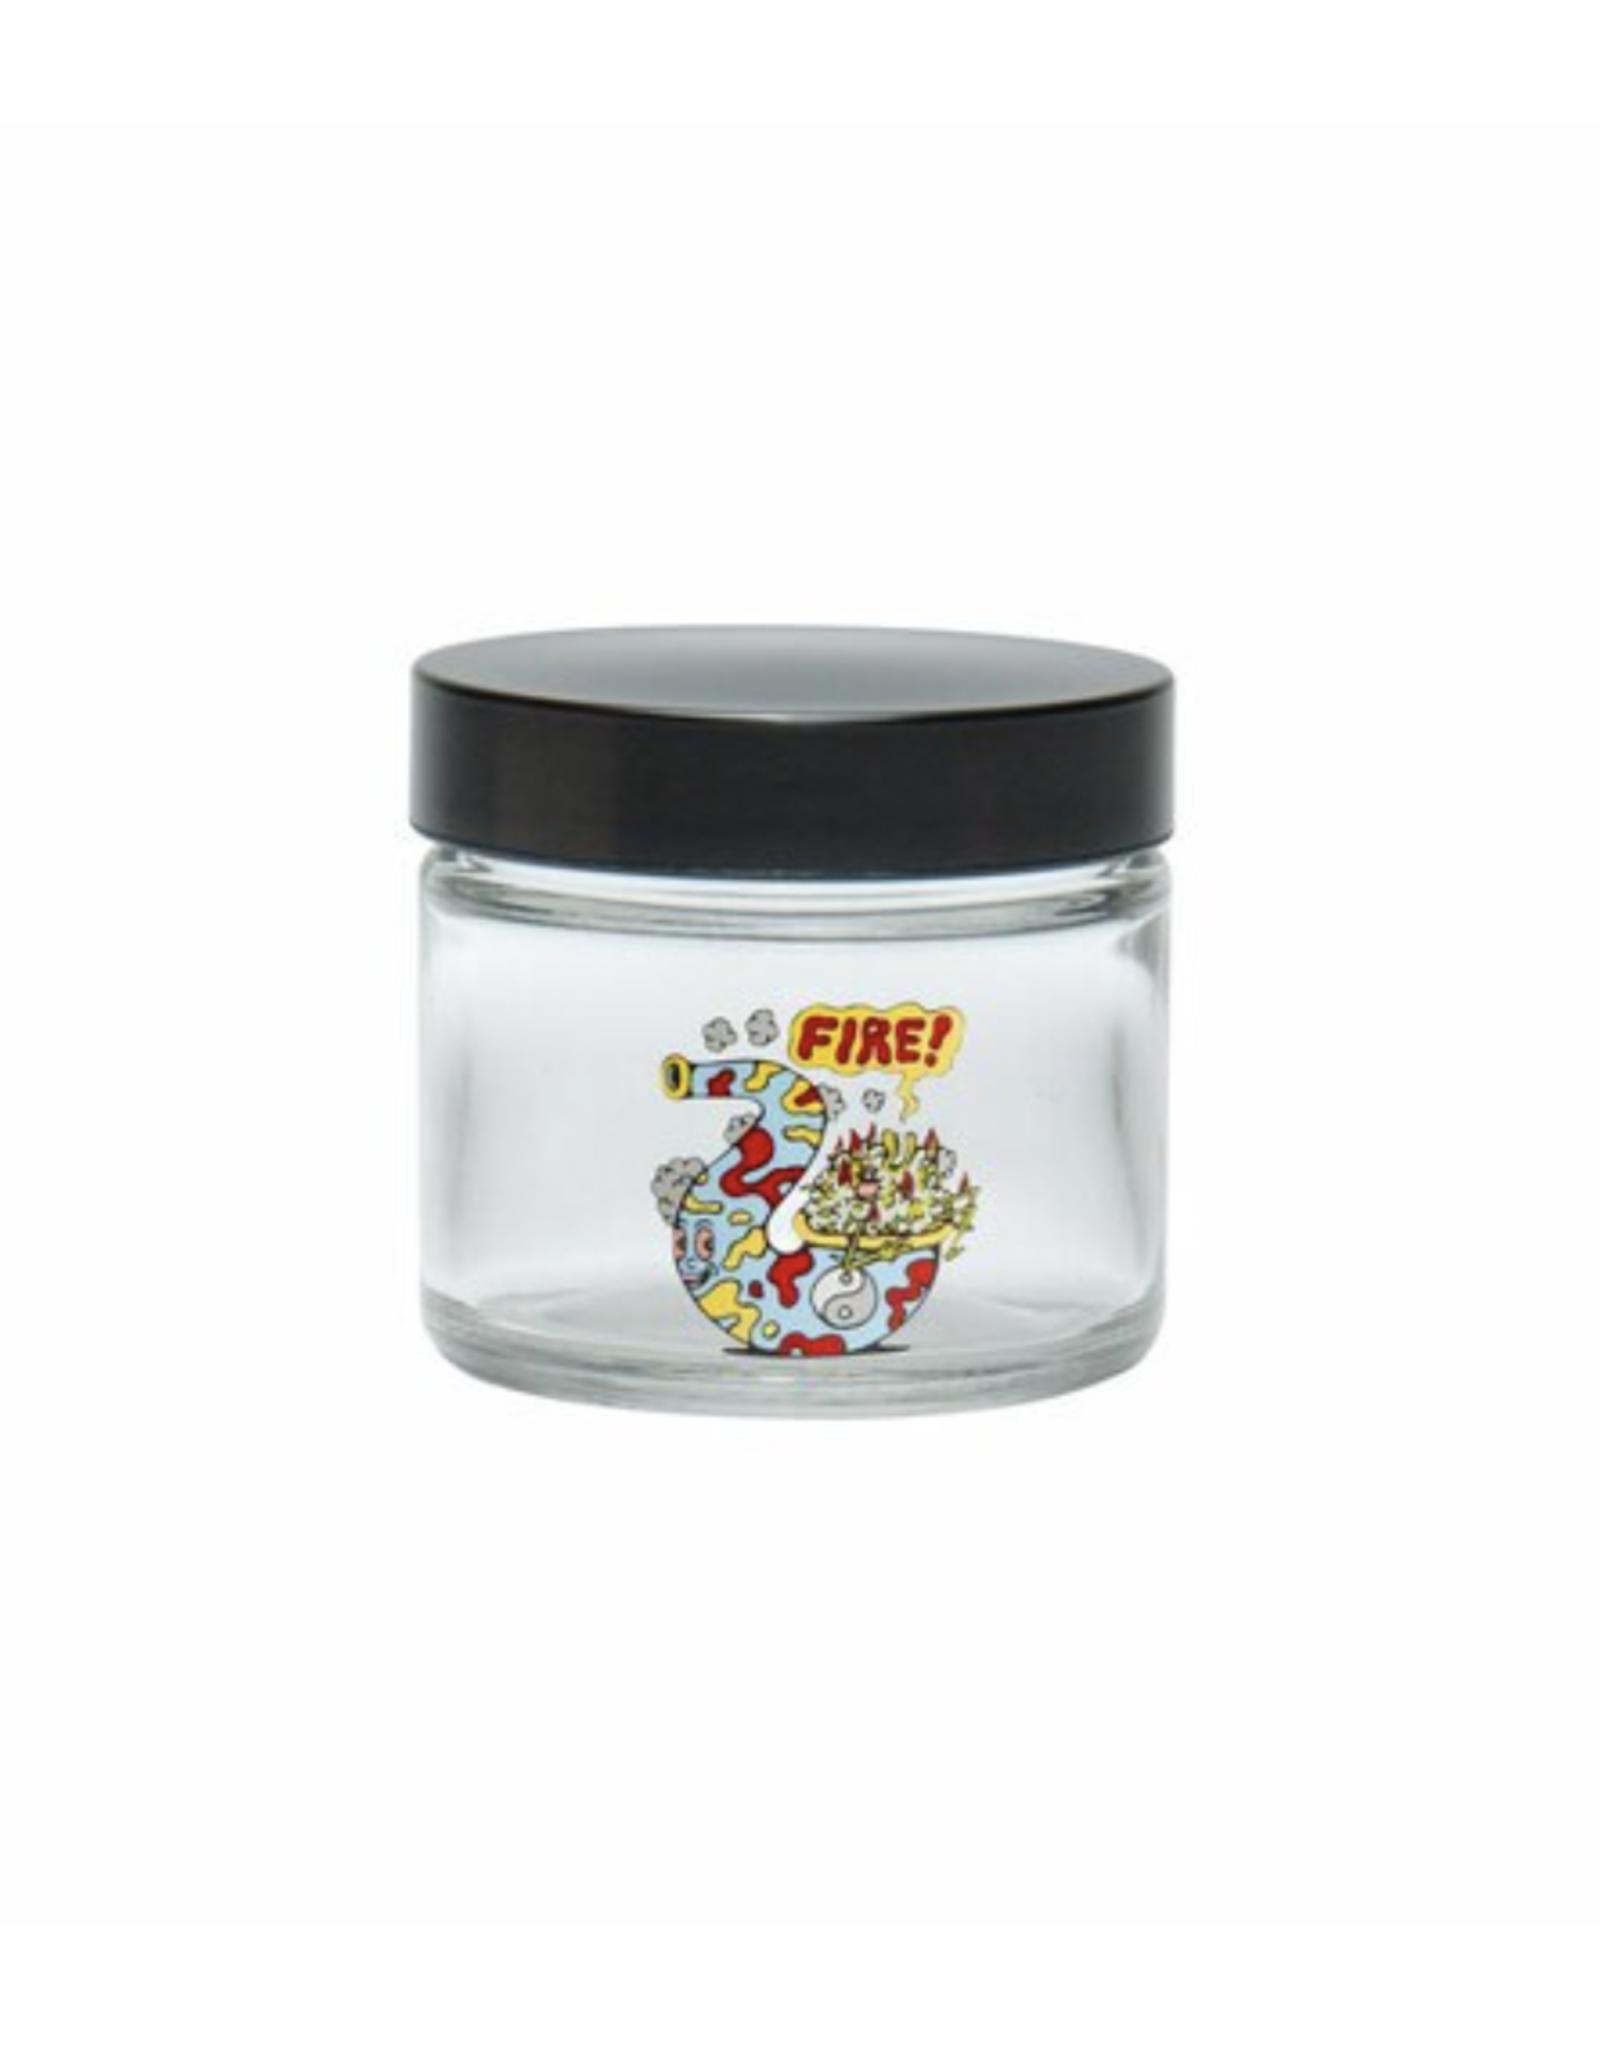 420 Science Small Clear Screw Top Jar - Fire Bud